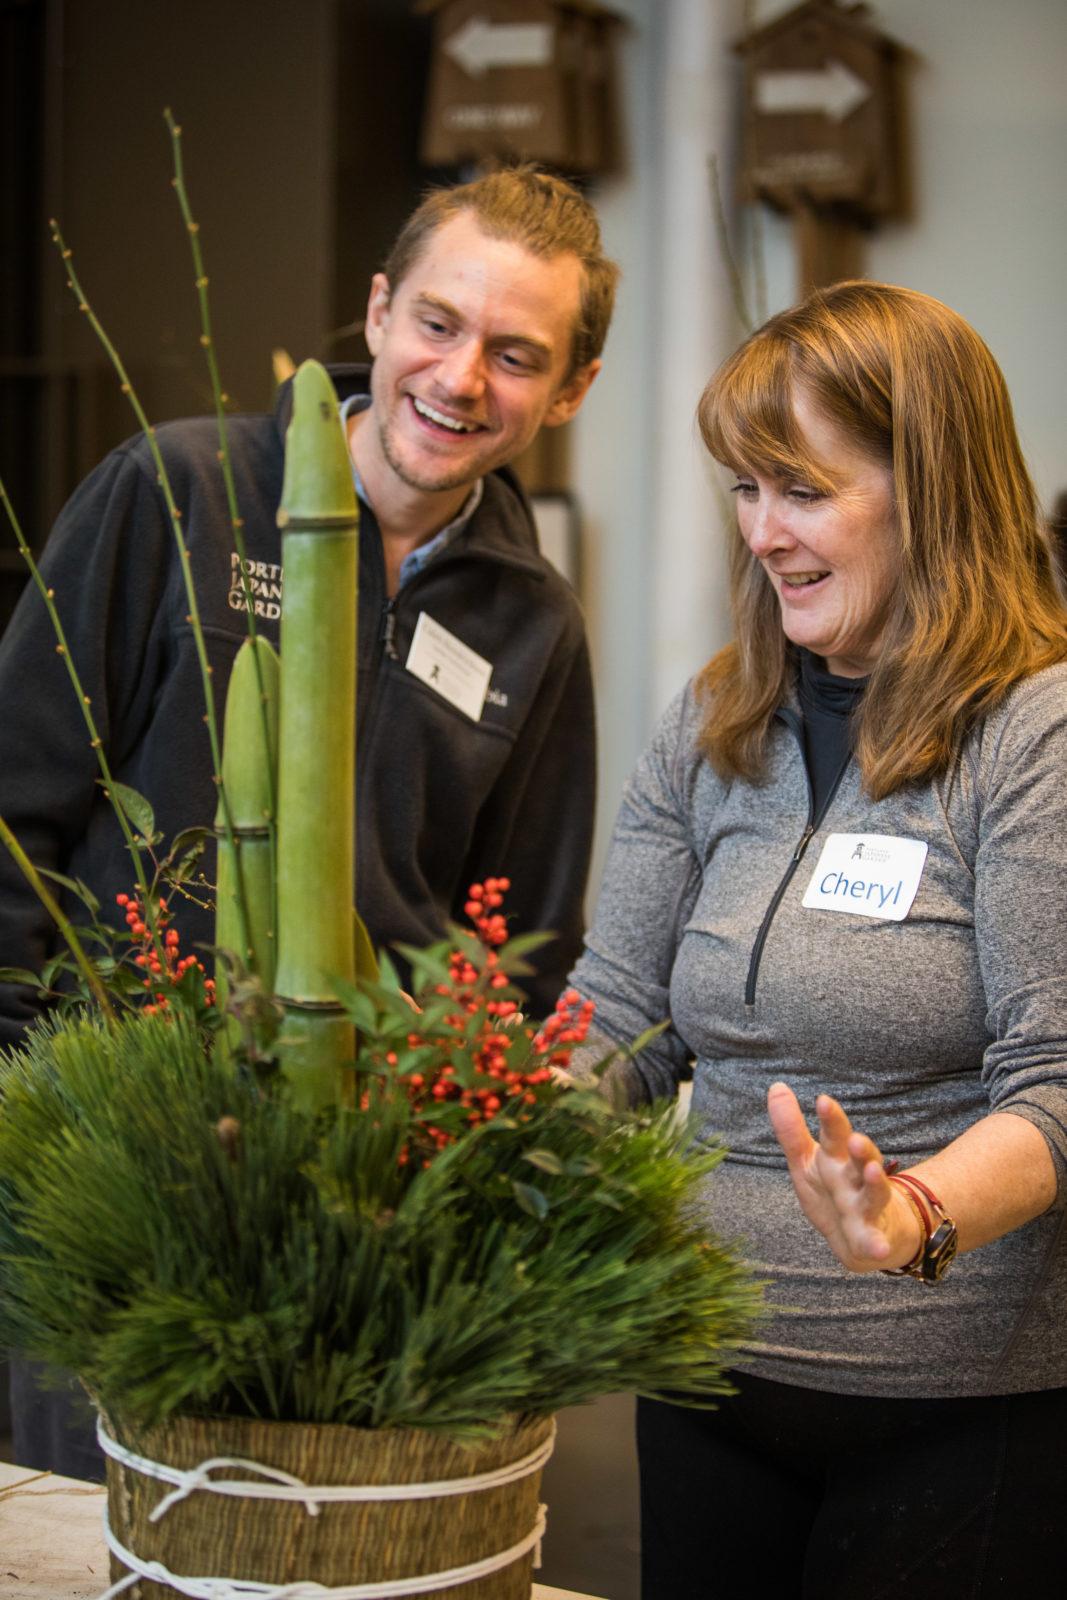 Gardener and student smile at kadomatsu creation